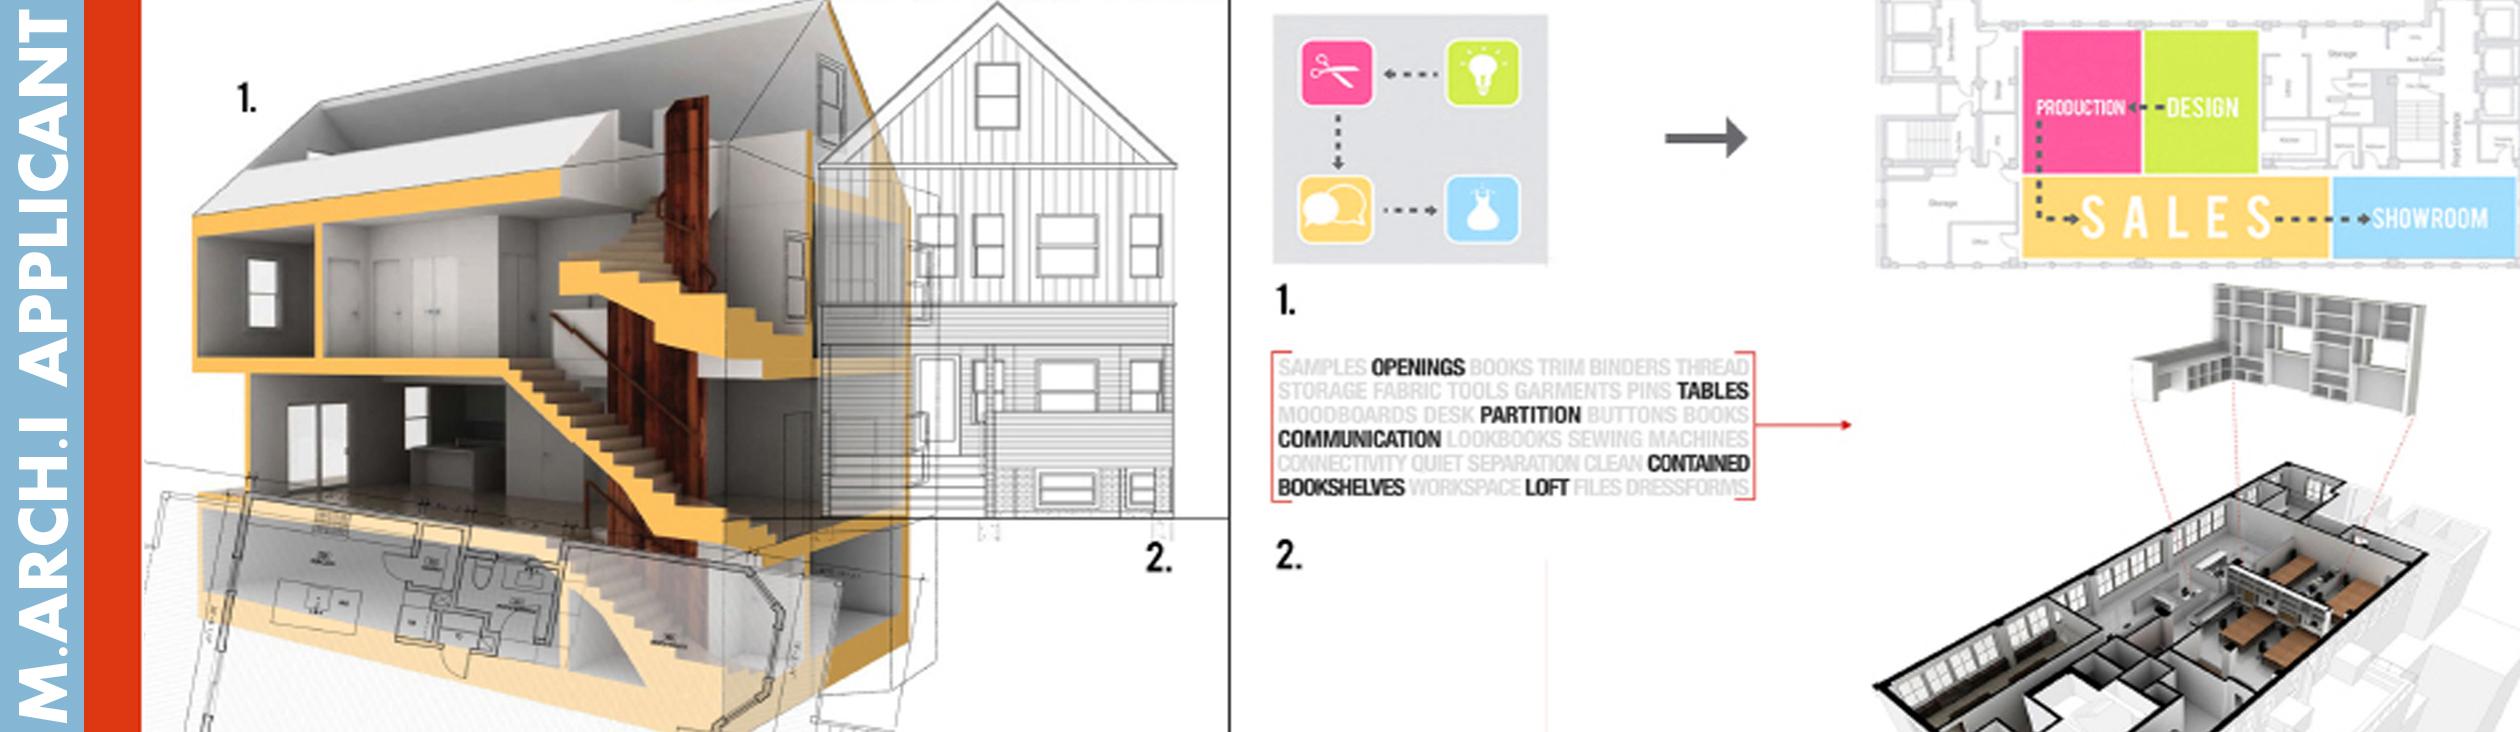 Beautiful Portfolio, Portfolio For Architecture School, Architecture School  Portfolio, Portfolio For Architects, Architectural